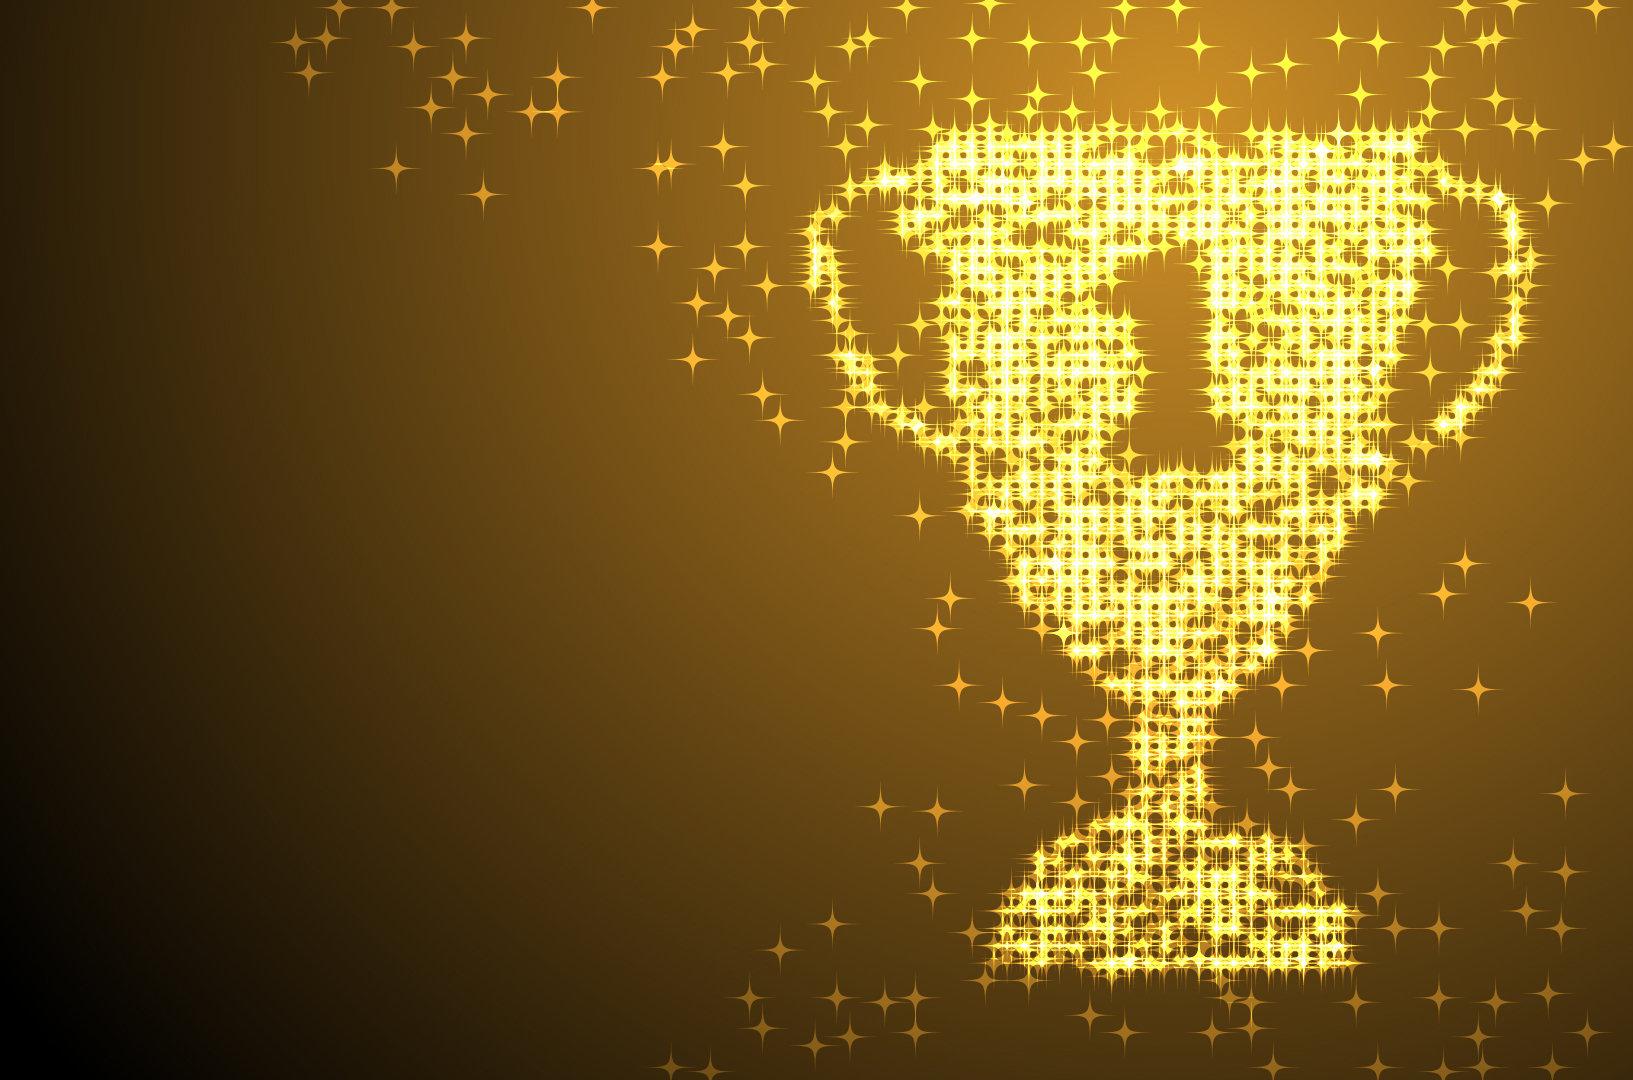 Citi Handlowy – najlepszy bank digital w Polsce według Global Finance